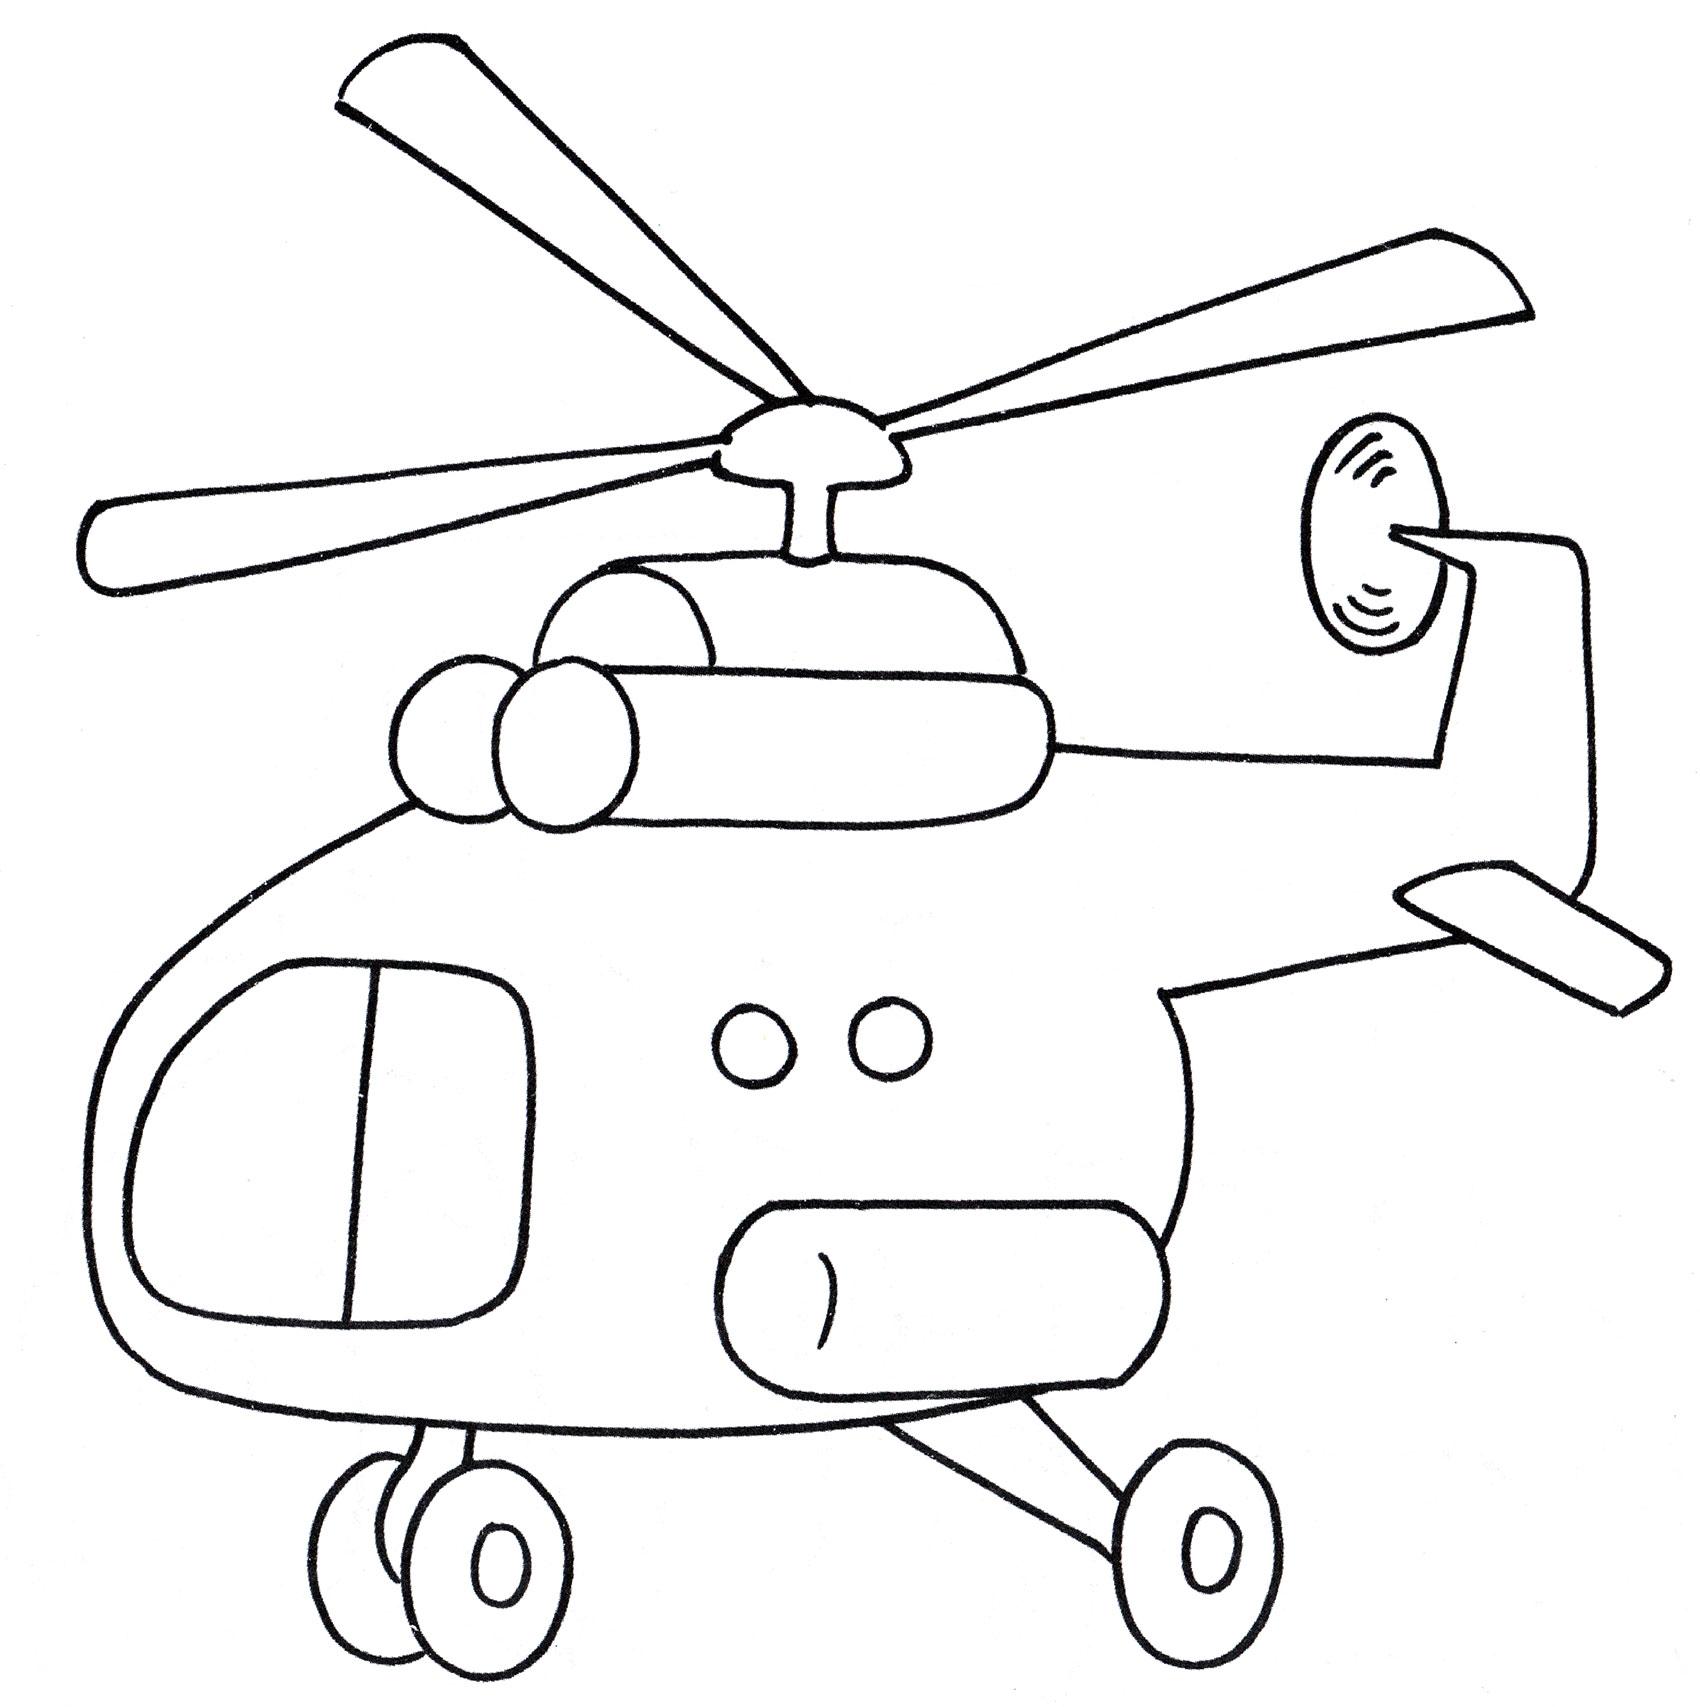 Раскраска Вертолет в небе - распечатать бесплатно